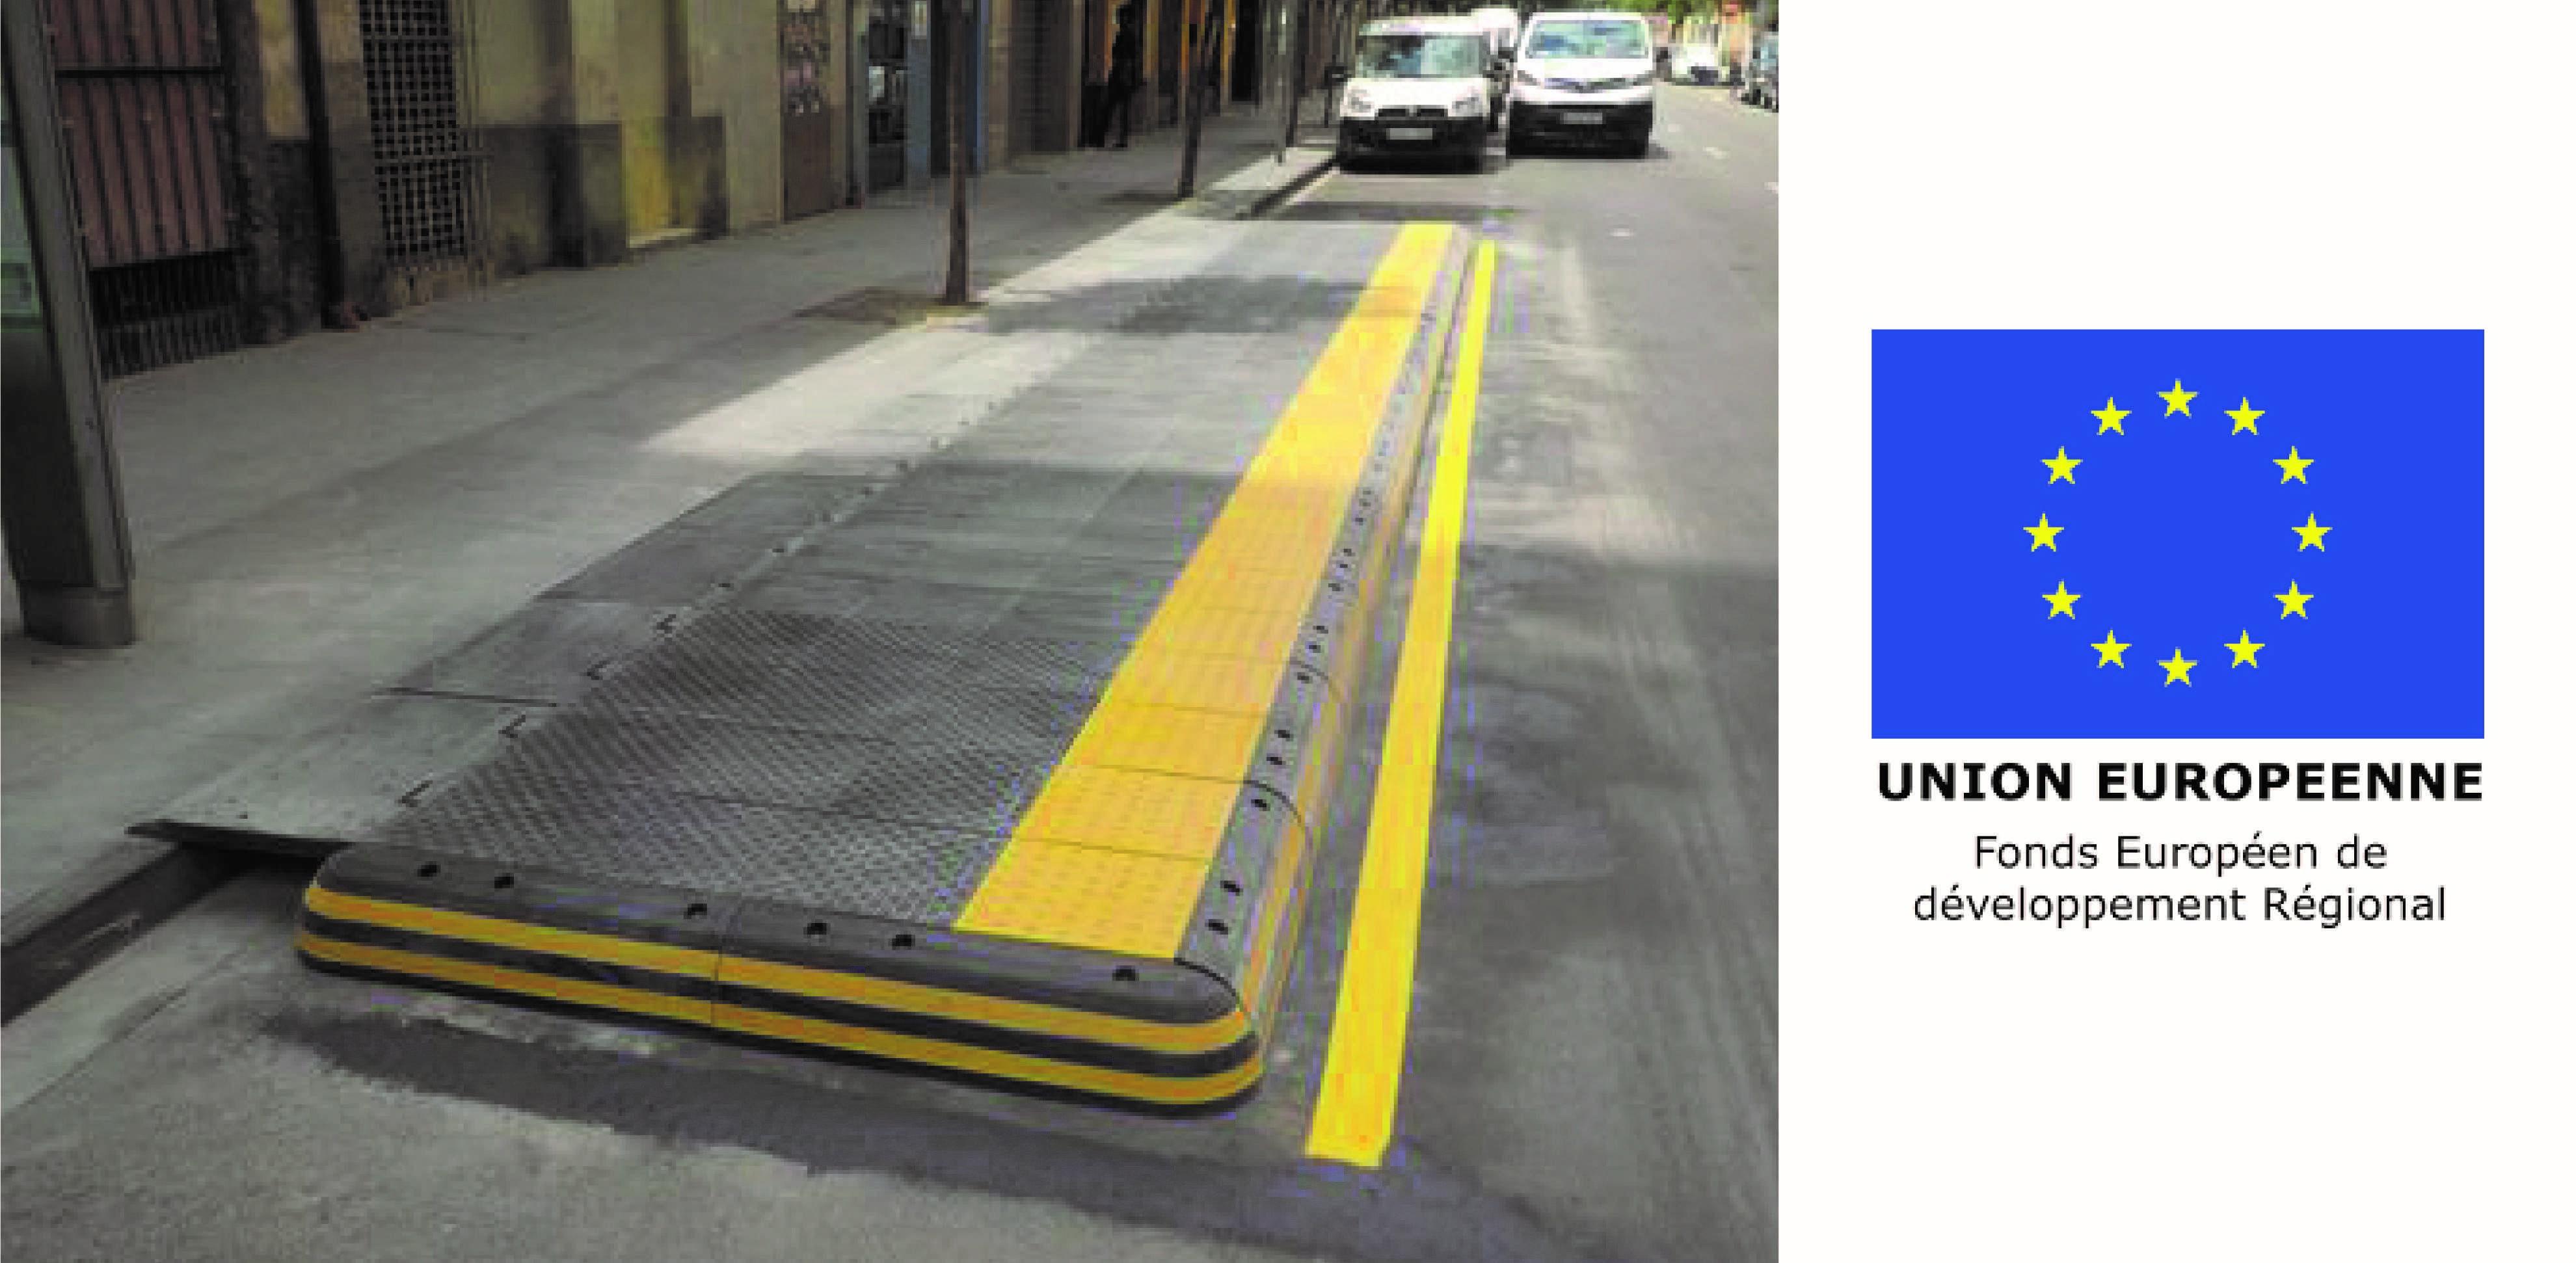 Le FEDER finance des projets d'amélioration de l'accessibilité aux arrêts de bus.